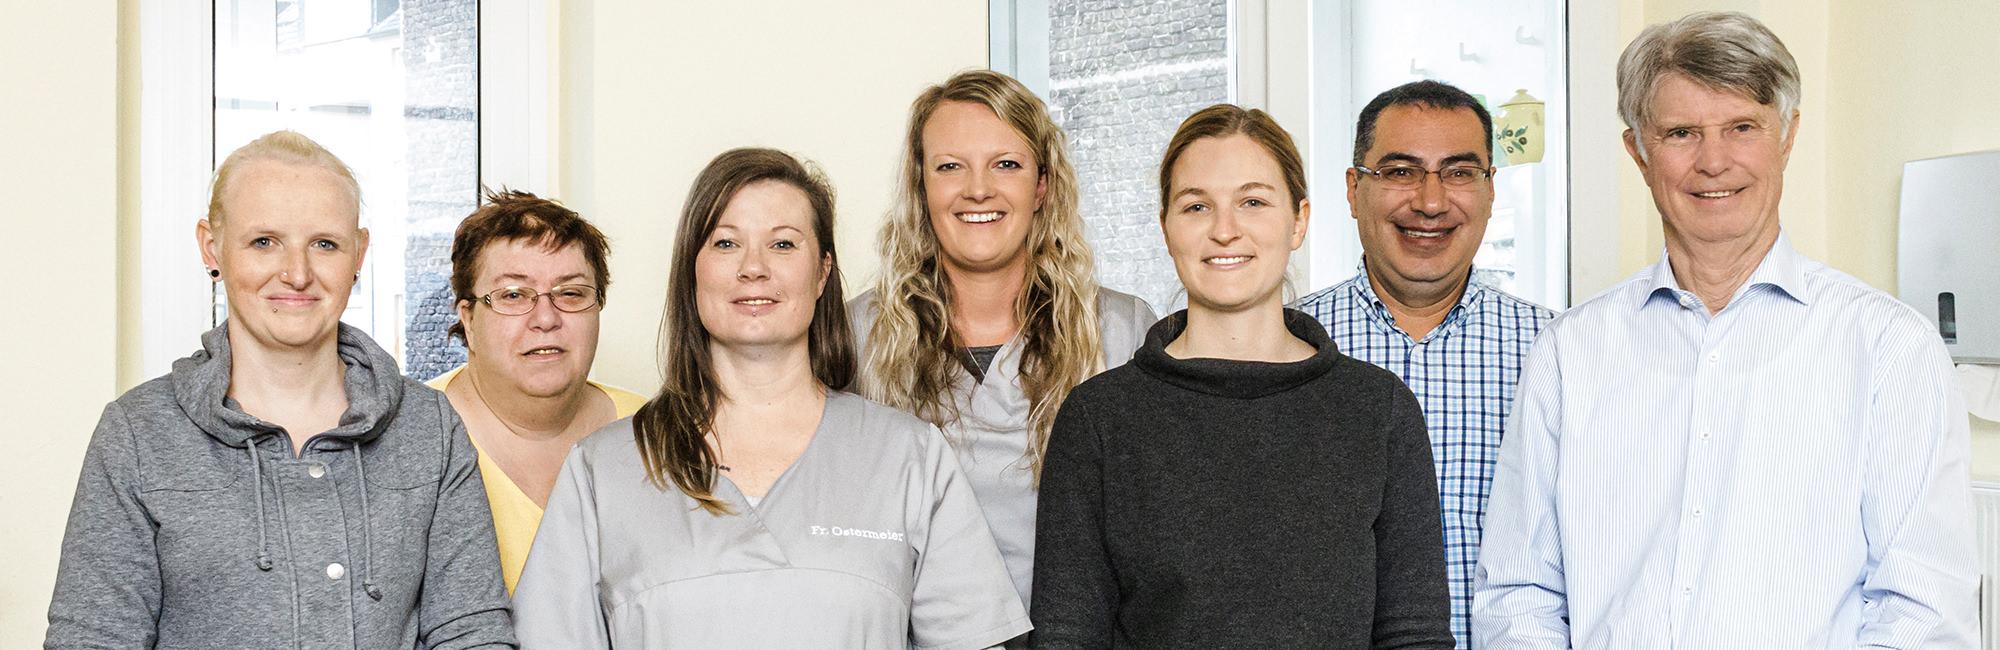 Hausarzt - Bochum - aerztegemeinschaft-dorstenerstrasse-team